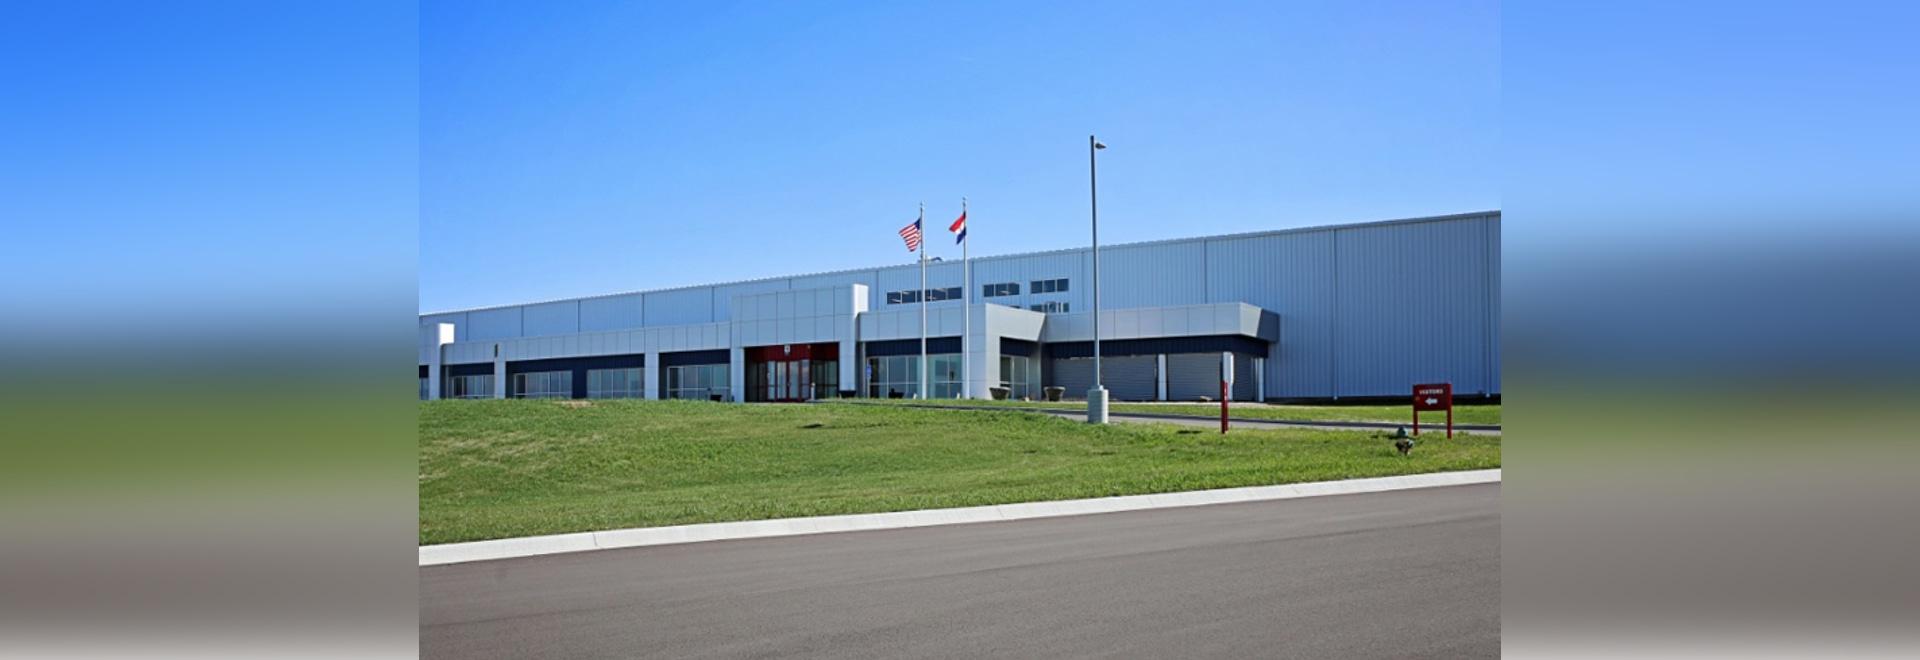 Nueva instalación industrial del equipo del calor y de la comida del control, Missouri, los E.E.U.U.